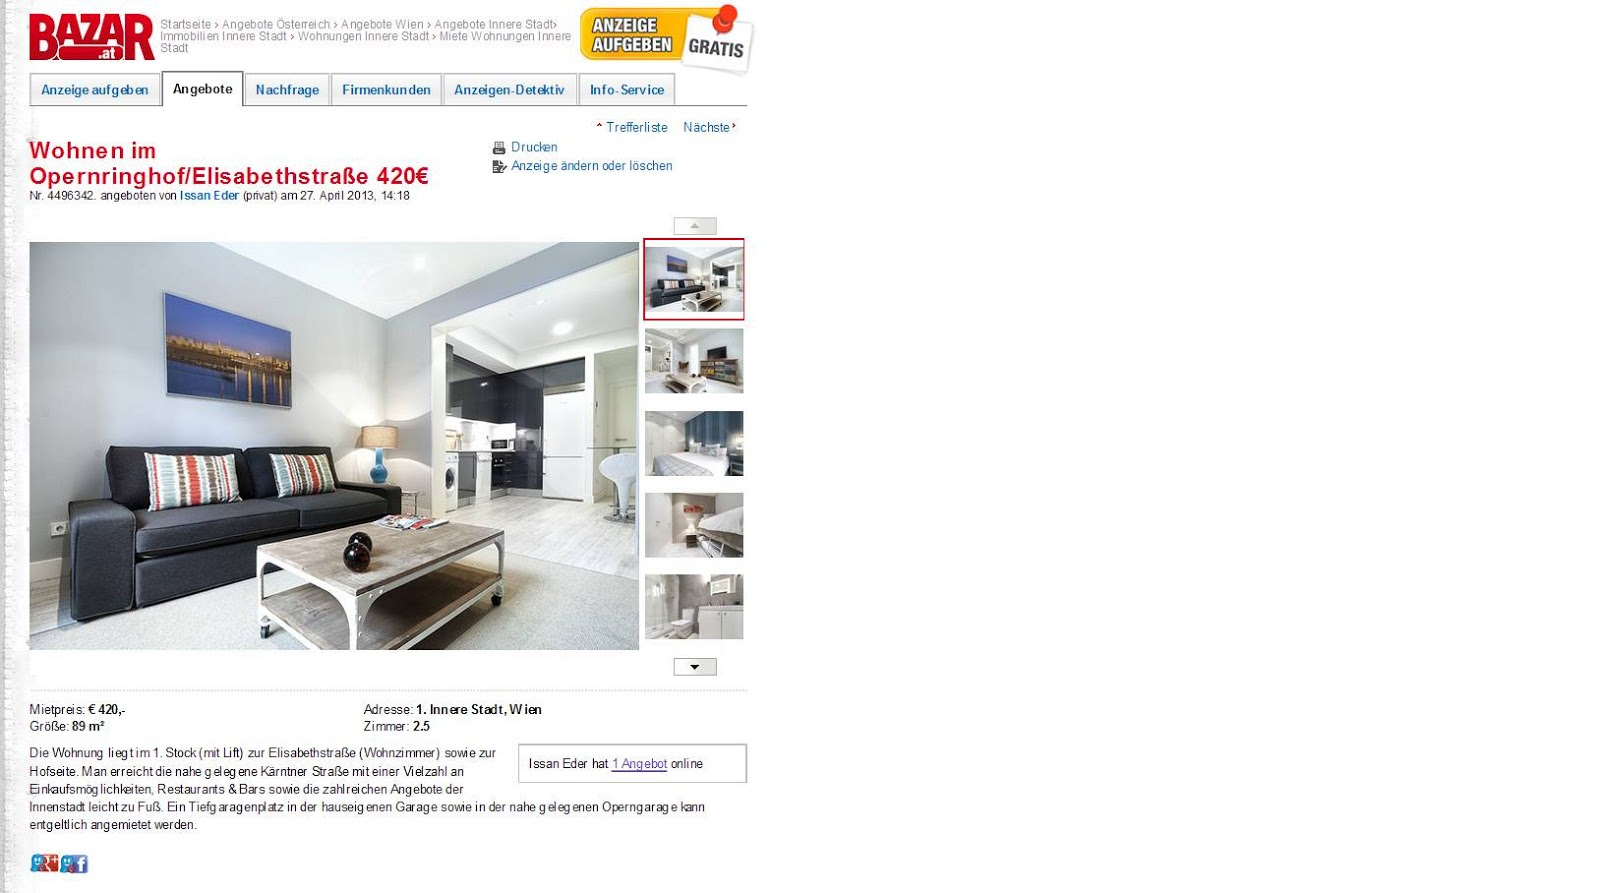 27 april 2013. Black Bedroom Furniture Sets. Home Design Ideas